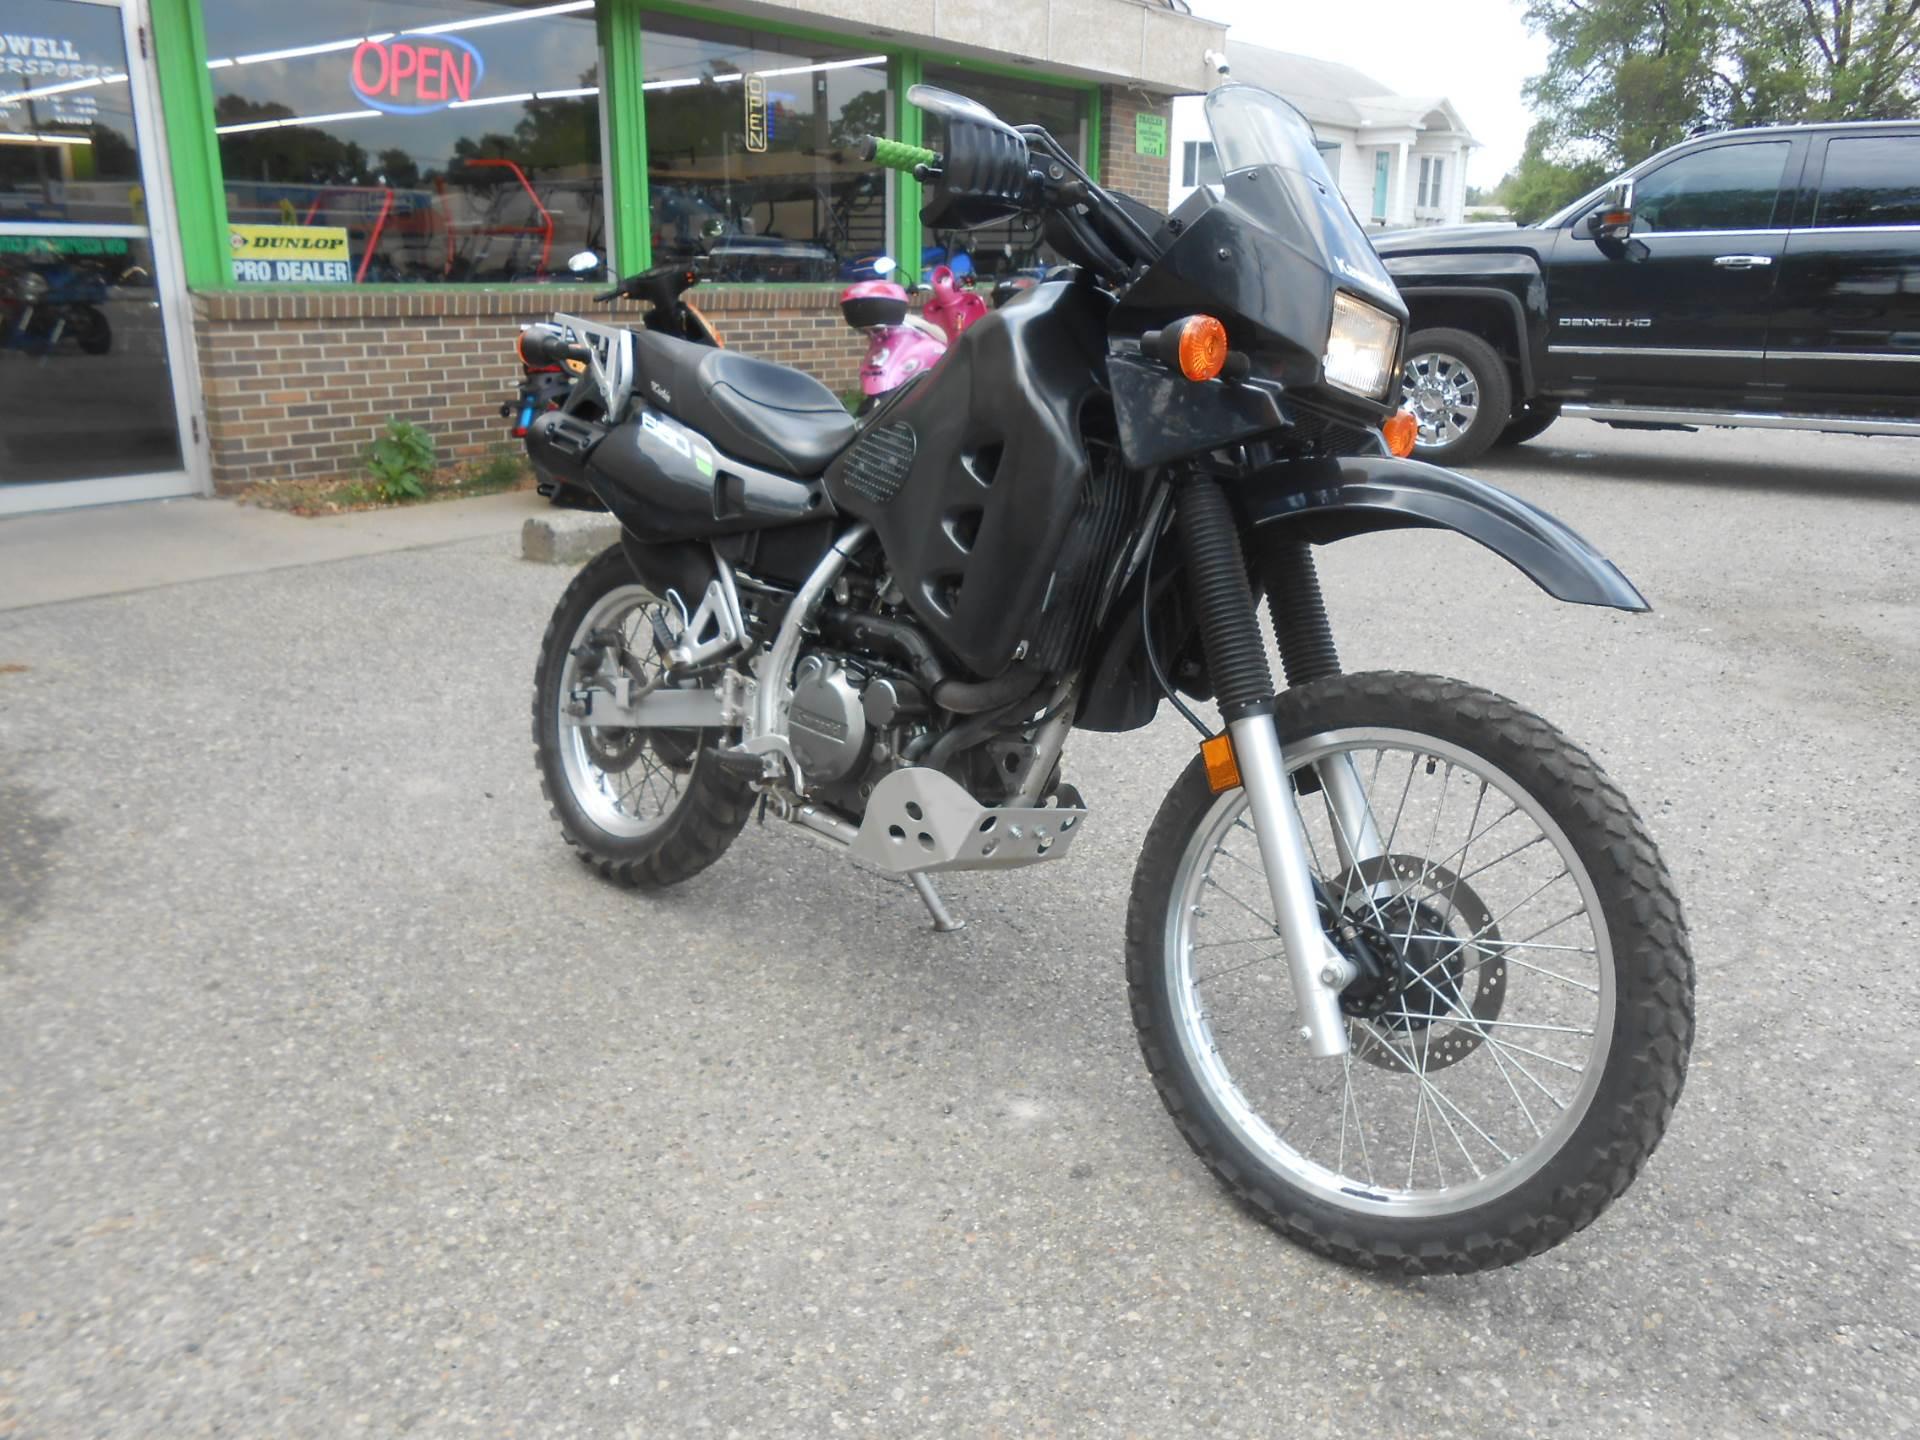 2007 Kawasaki KLR 650 2